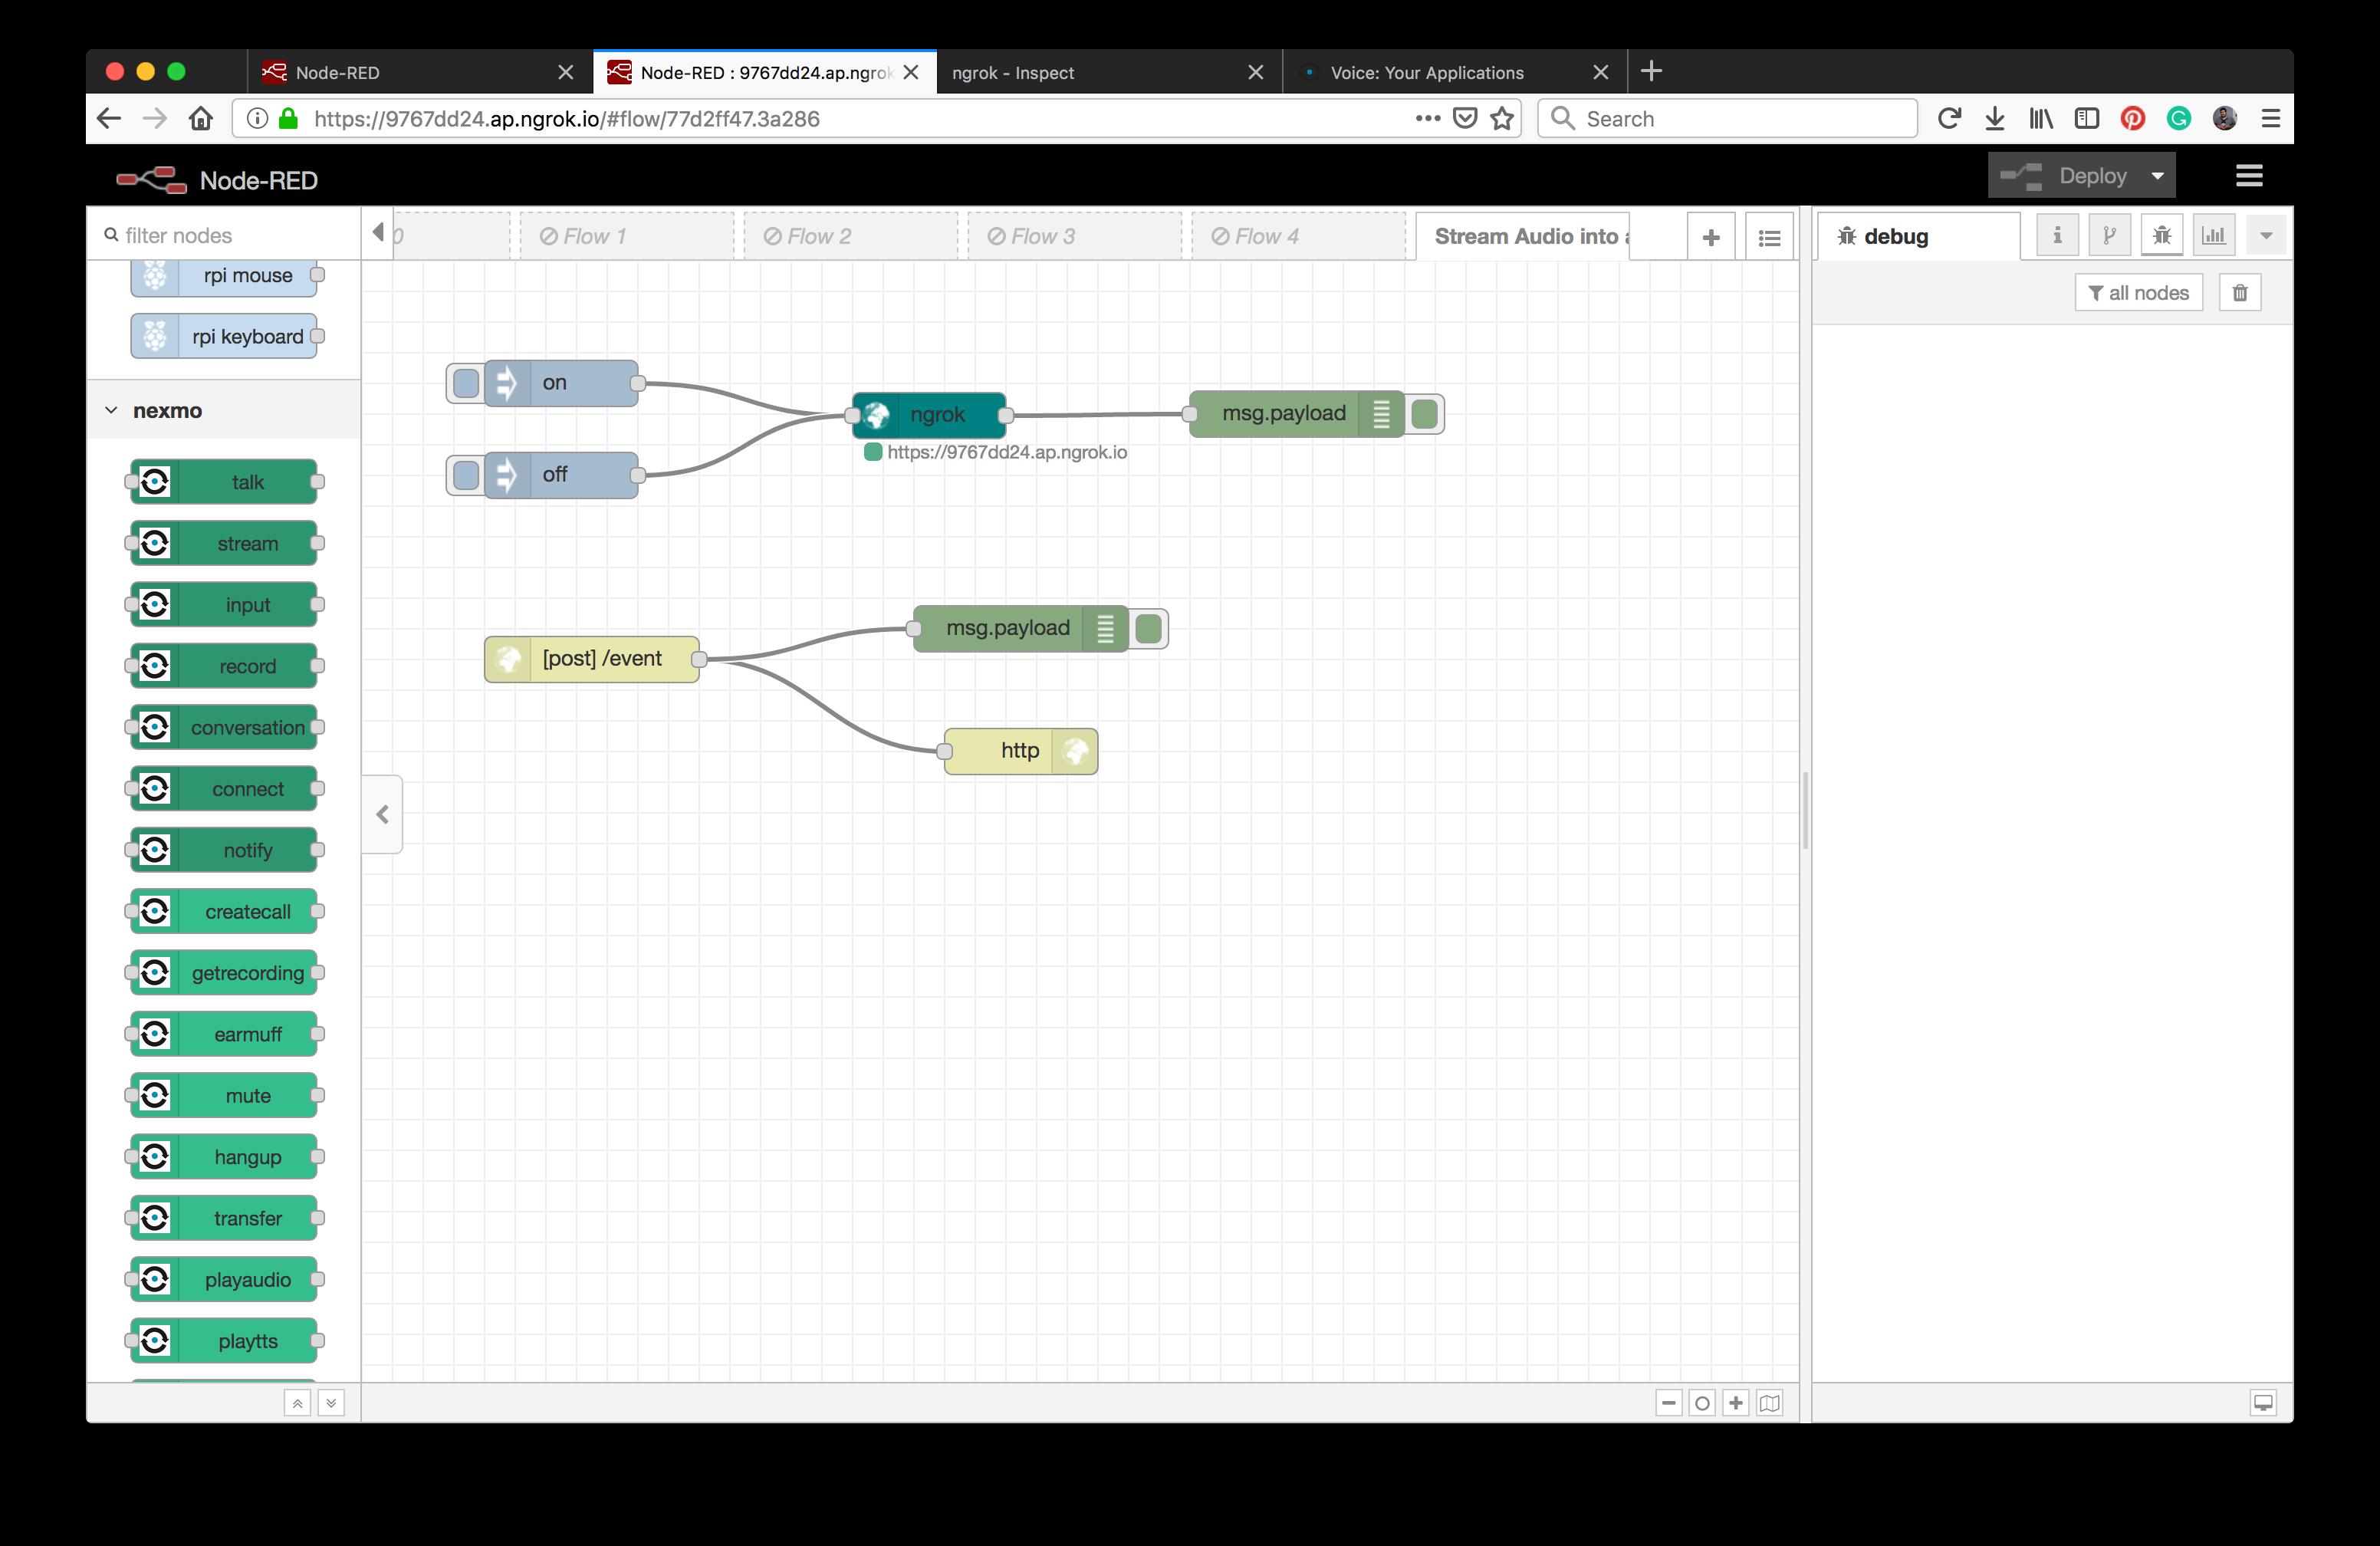 How to Stream Audio into a Call with Node-RED - Nexmo Developer Blog